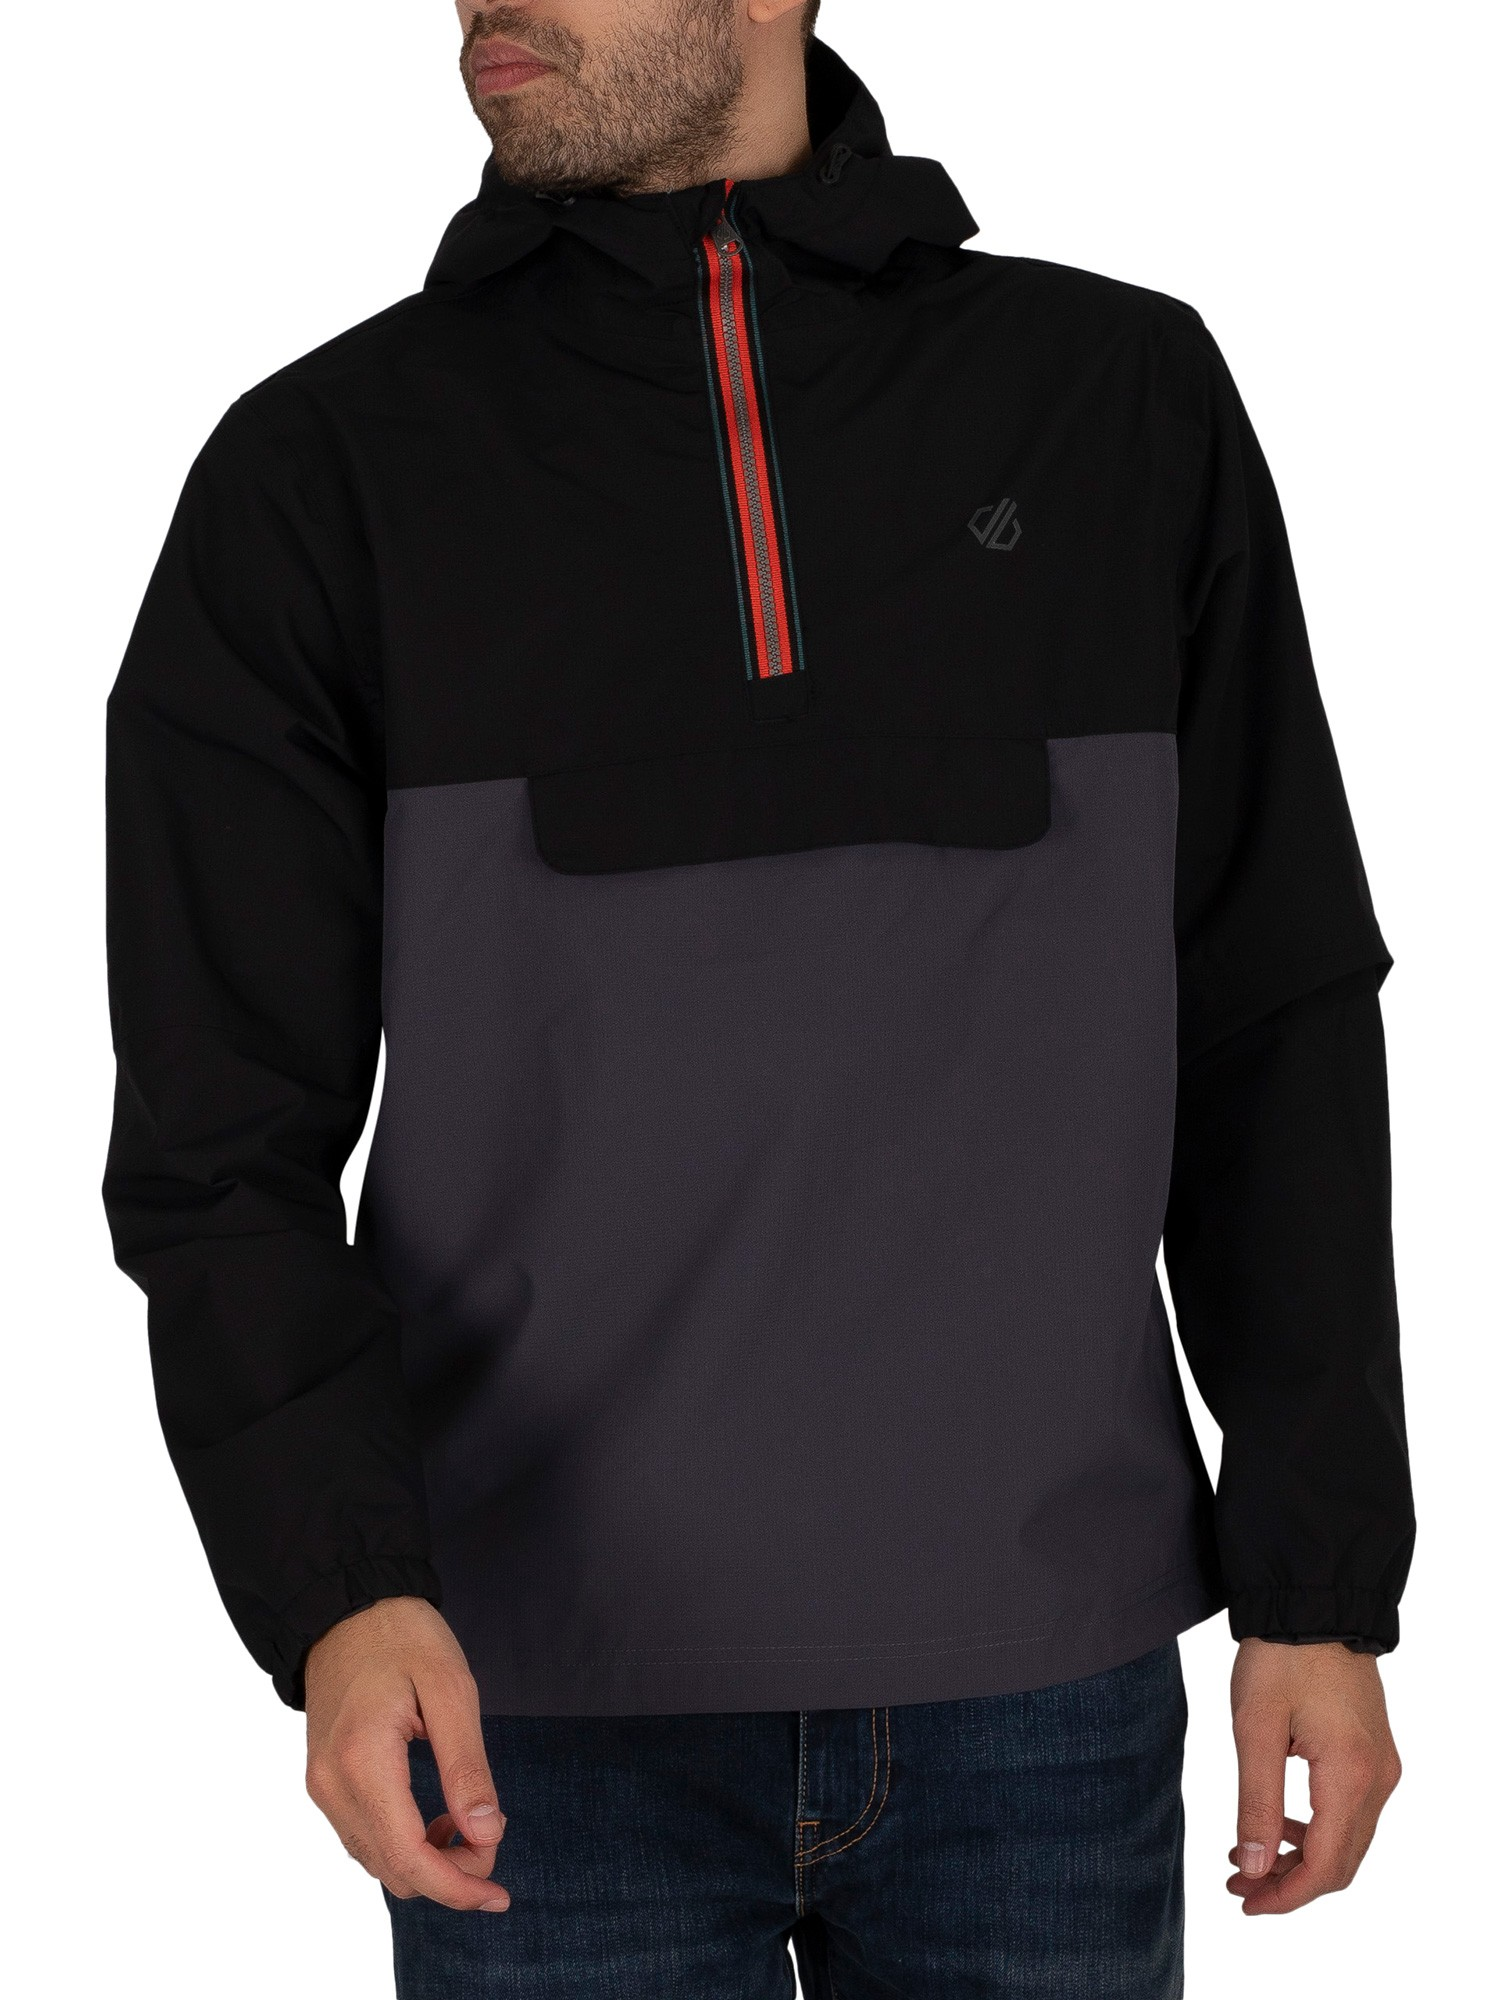 Ceaseless Half Zip Lightweight Jacket